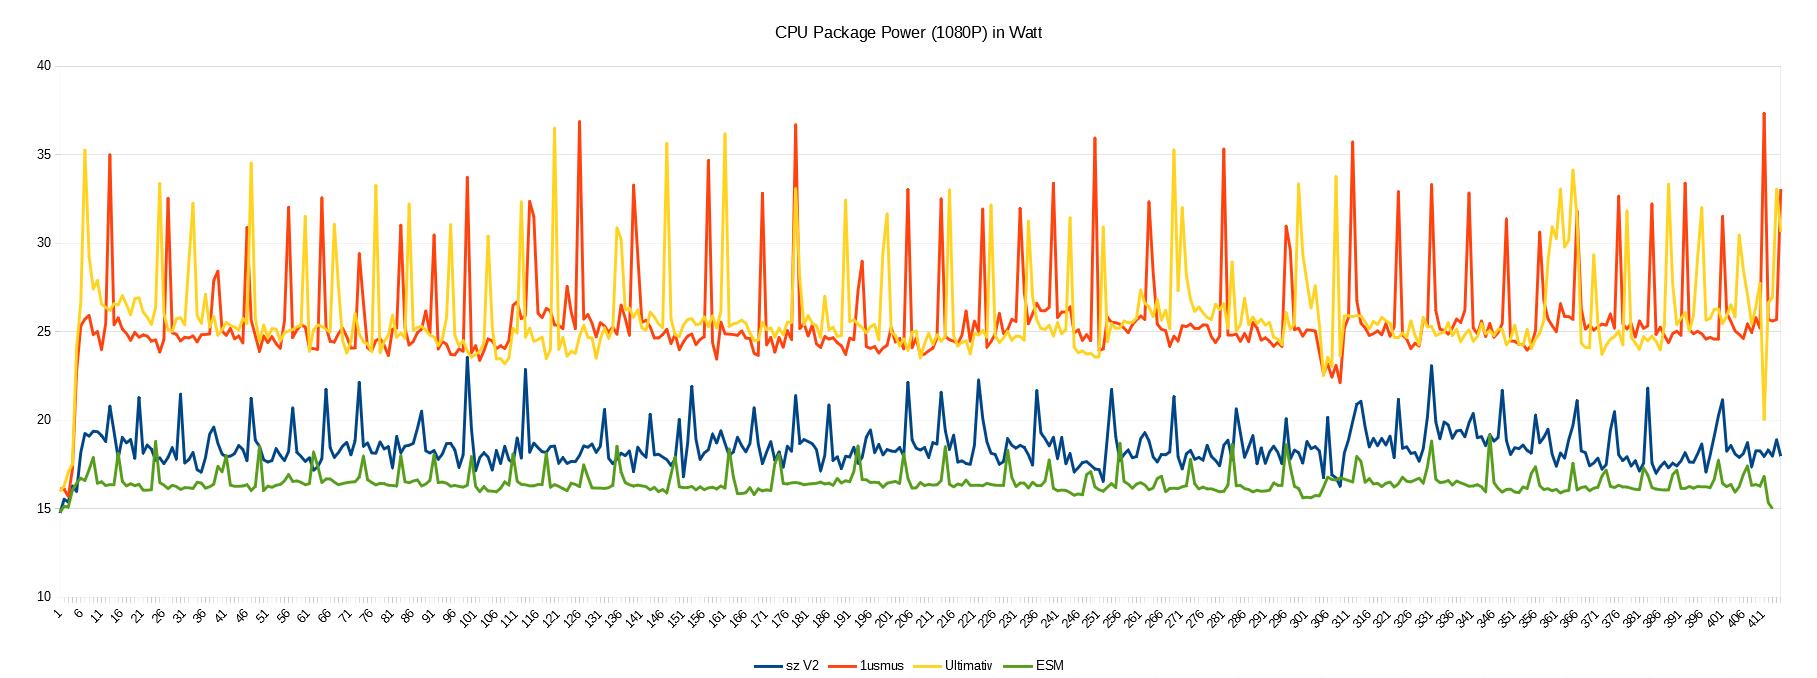 cb_szV2_1080P_packagepower.jpg